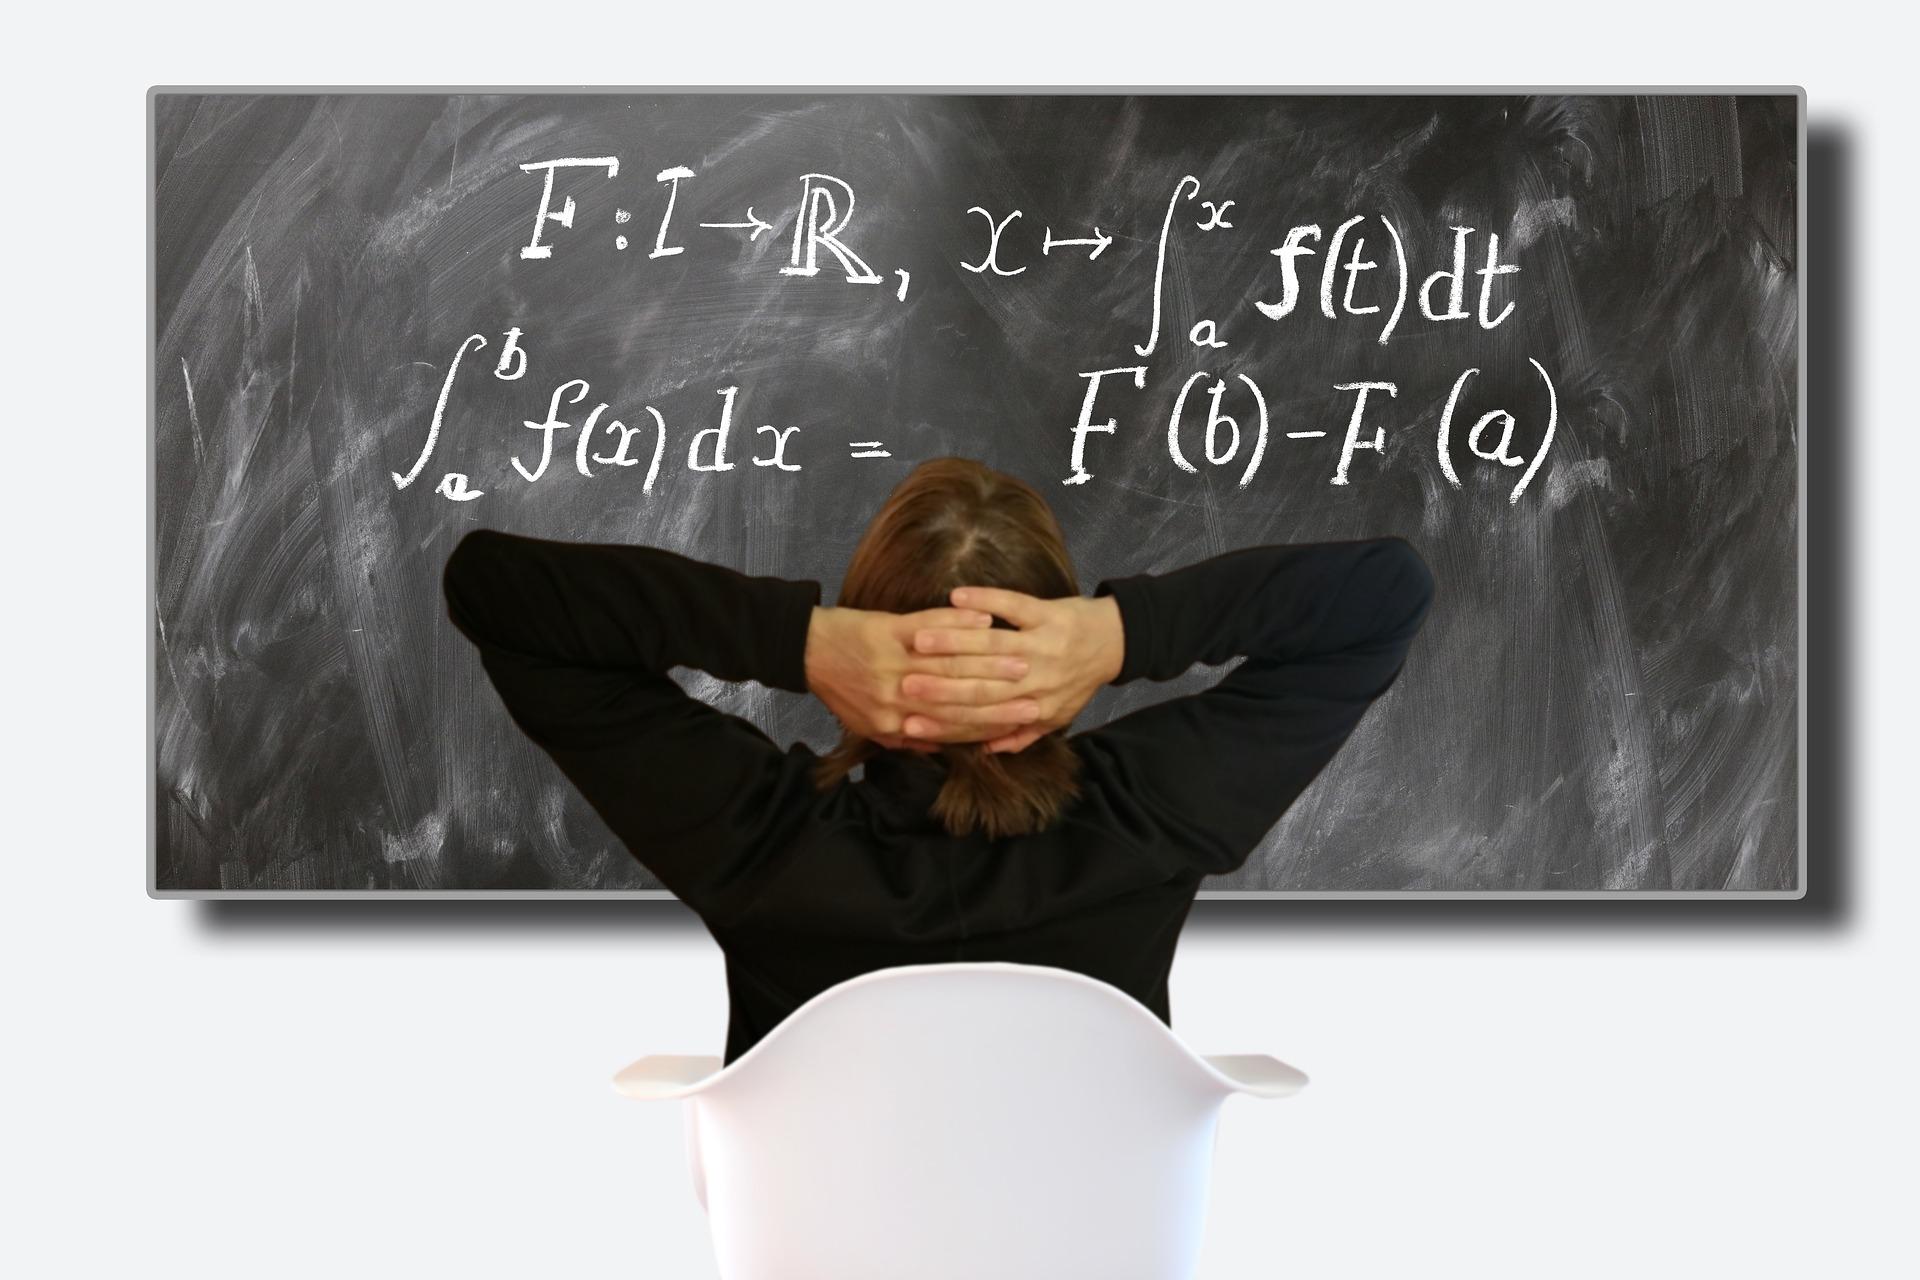 Ministerstwo Edukacji Narodowej przekonuje, że egzaminy gimnazjalny i ósmoklasisty z matematyki oraz egzamin maturalny z matematyki na poziomie podstawowym to jedyne, rzetelne narzędzia służące weryfikacji poziomu wiadomości, a także umiejętności uczniów, m.in. w zakresie kompetencji matematycznych (fot.pixabay)